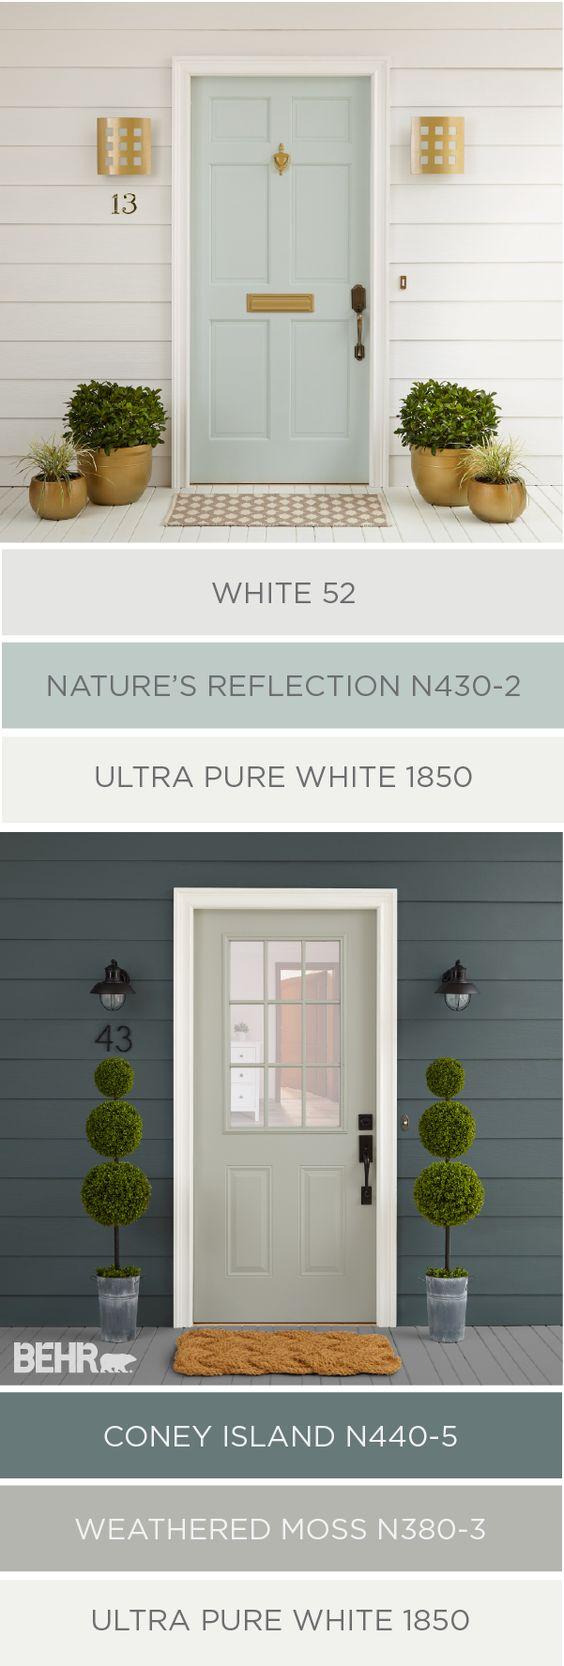 Exterior Color Palette By Behr Favorite Paint Colors Bloglovin